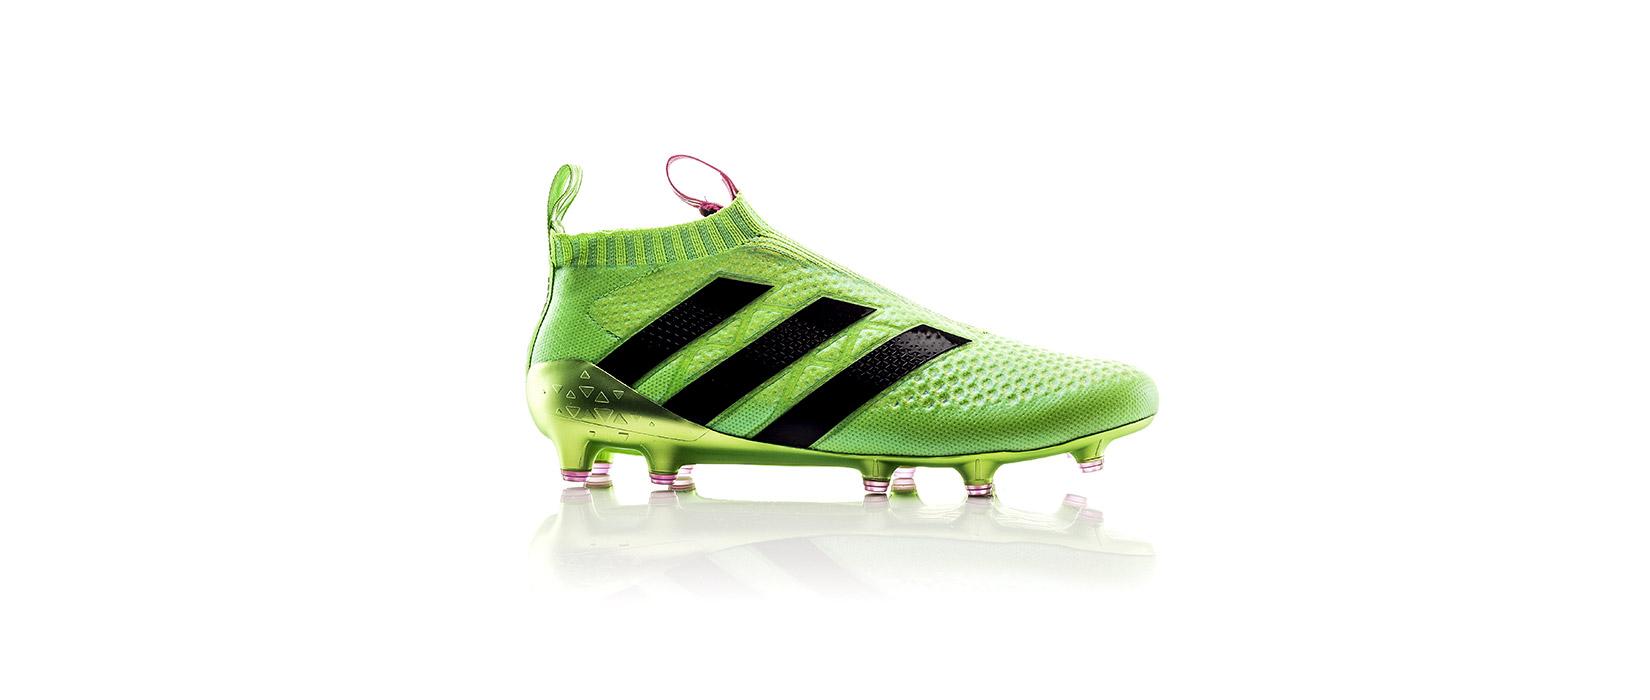 PureControl with adidas laceless Ace 16+  fa91fa518